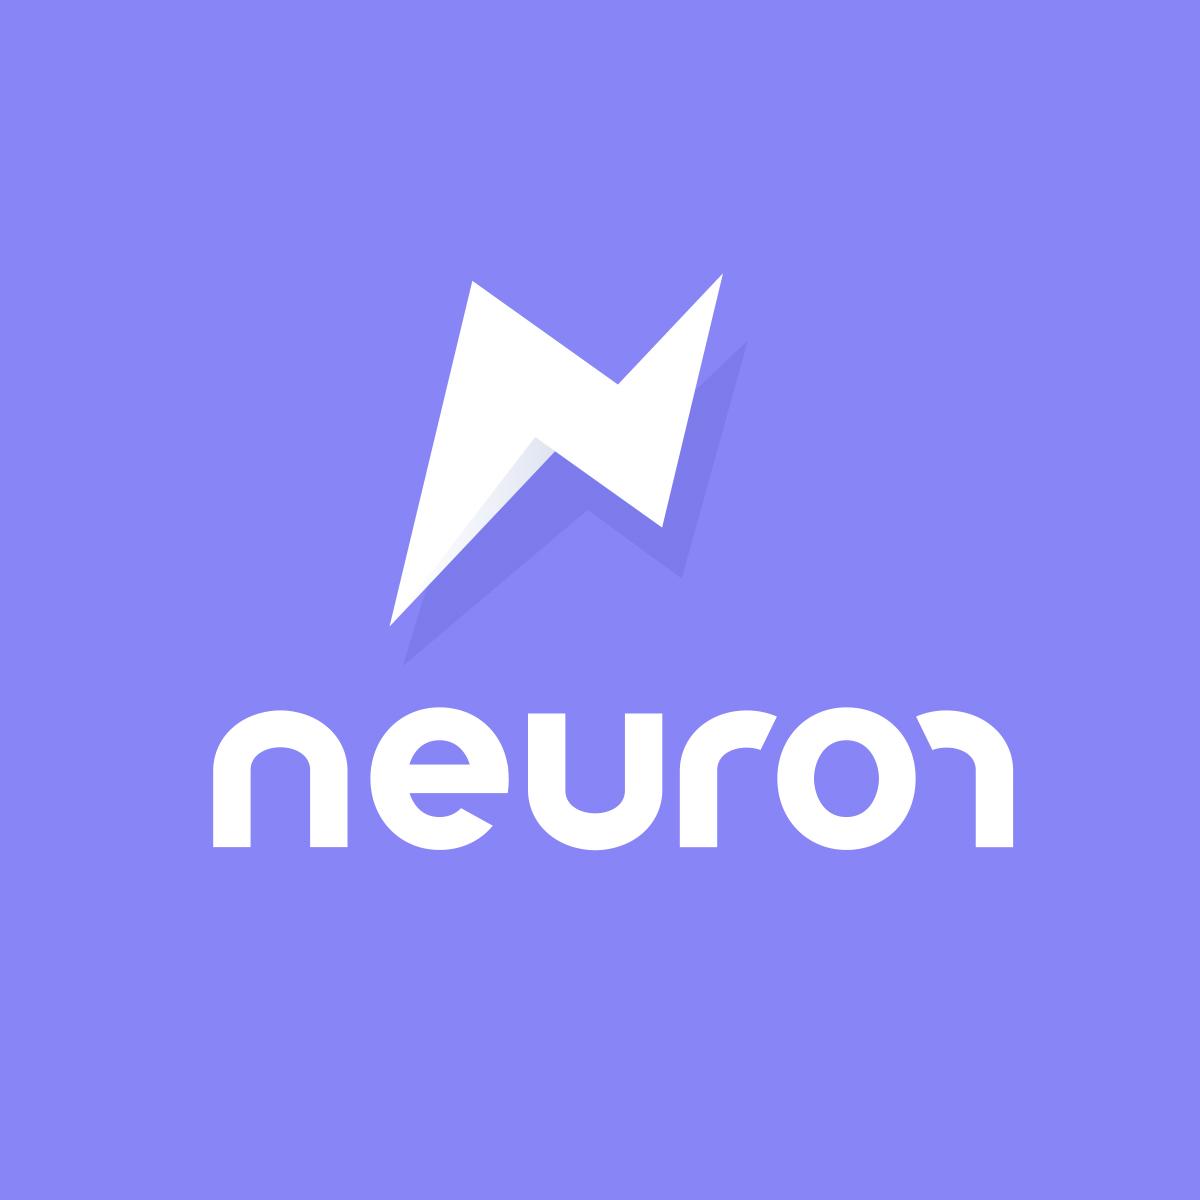 neuron-ris-1-2